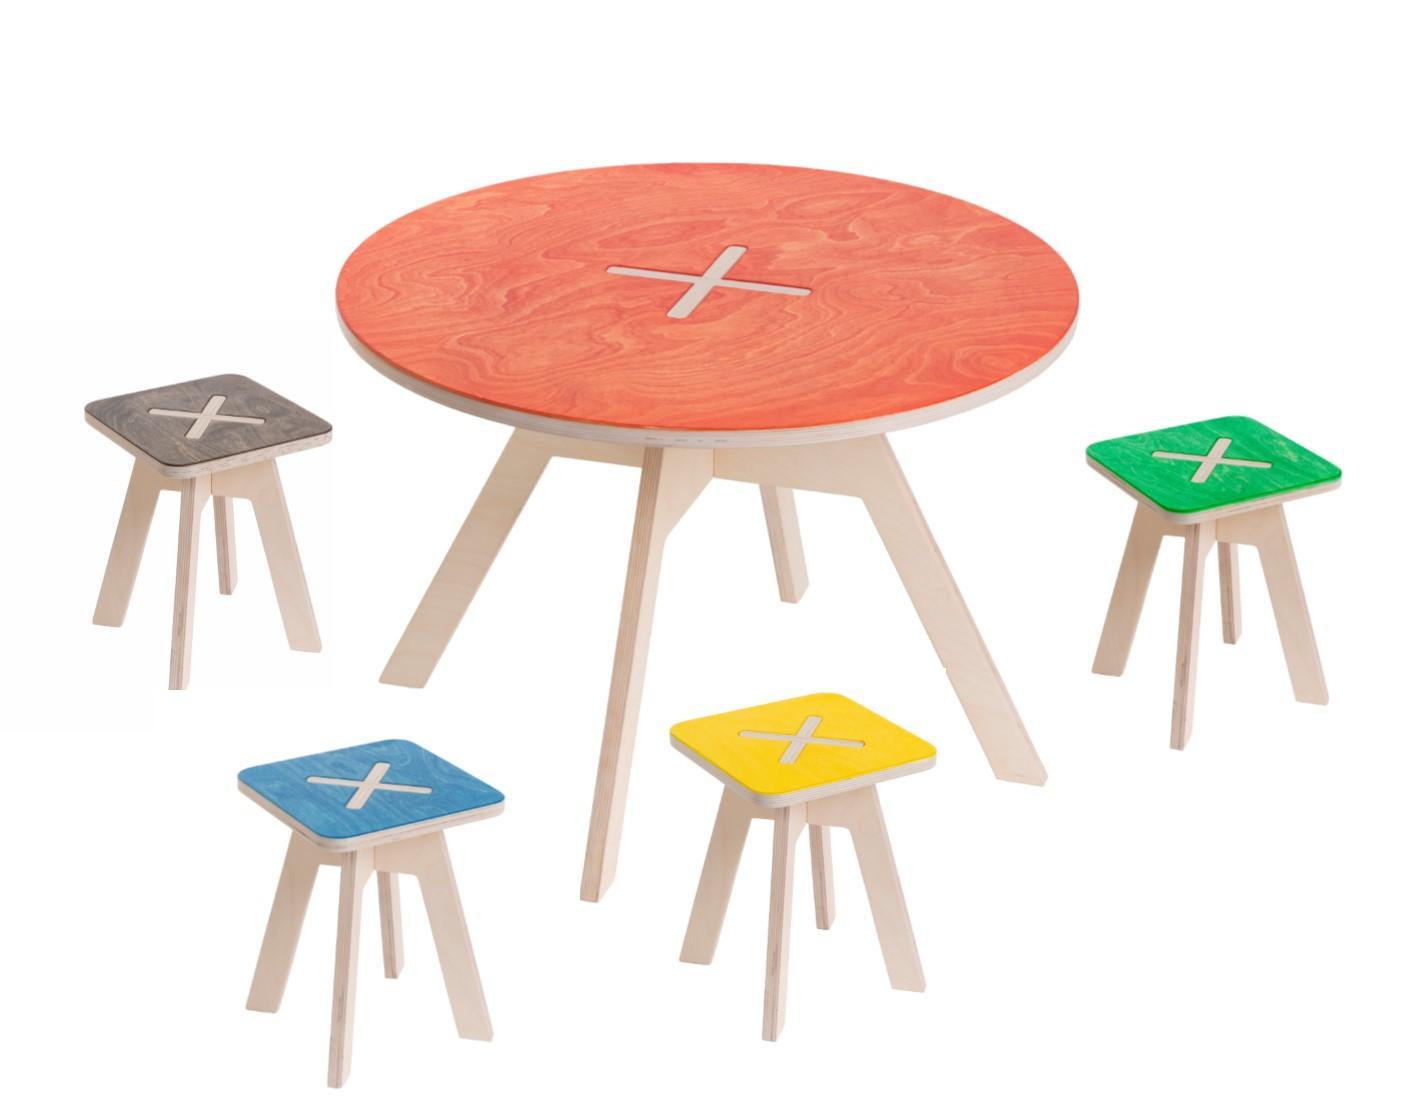 kindersitzgruppe aus holz in bunten farben. Black Bedroom Furniture Sets. Home Design Ideas